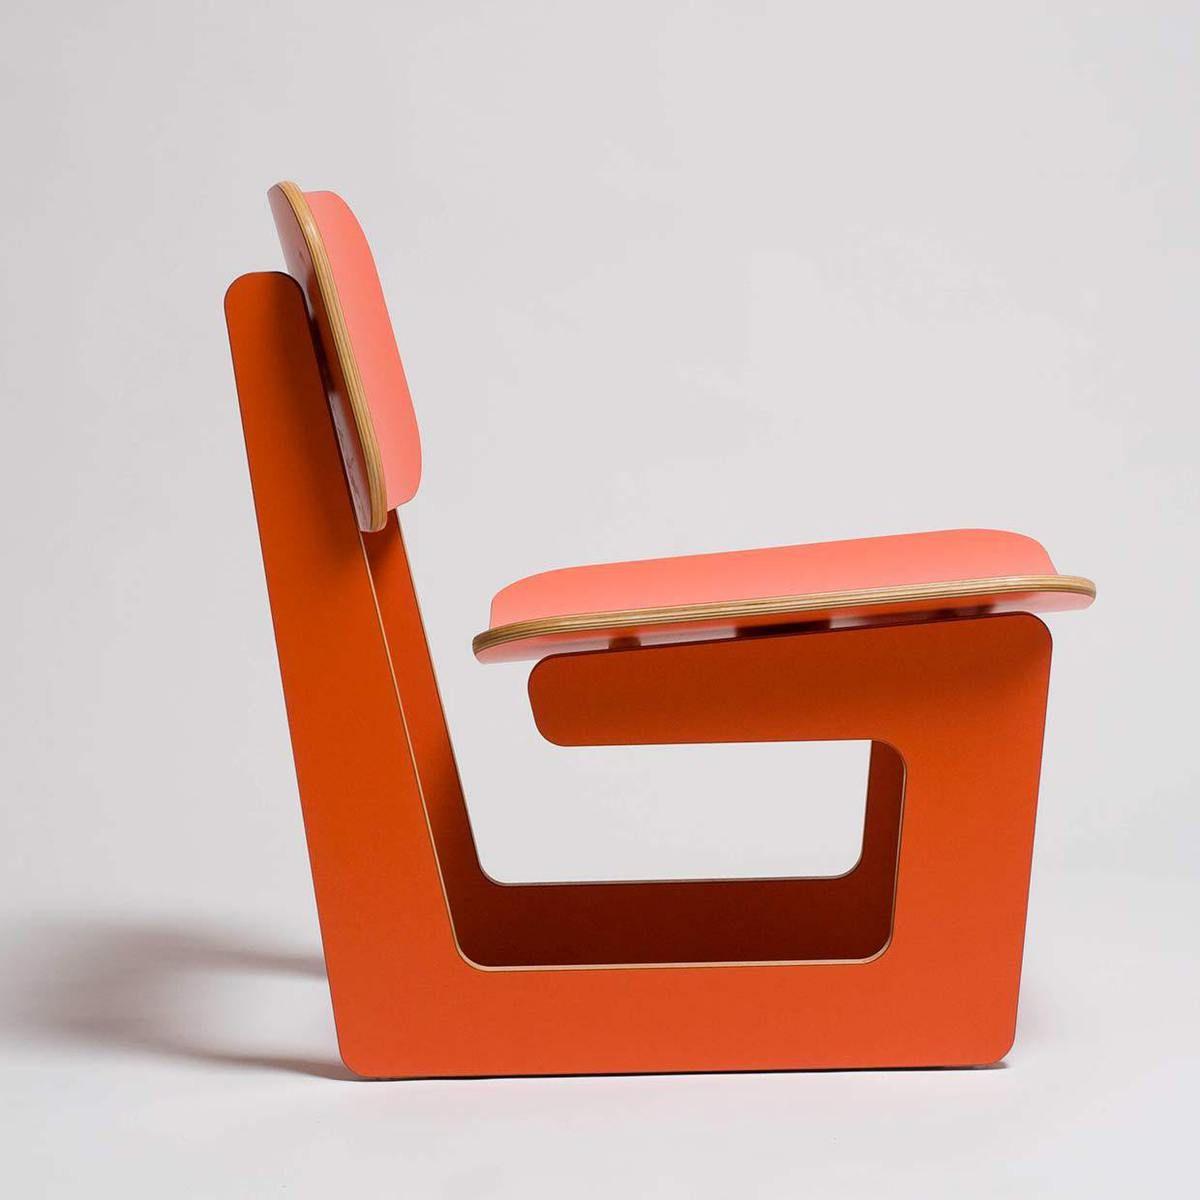 Capital Chair Orange Arre Design To Sit Pinterest Sillas  # Muebles Revolucion